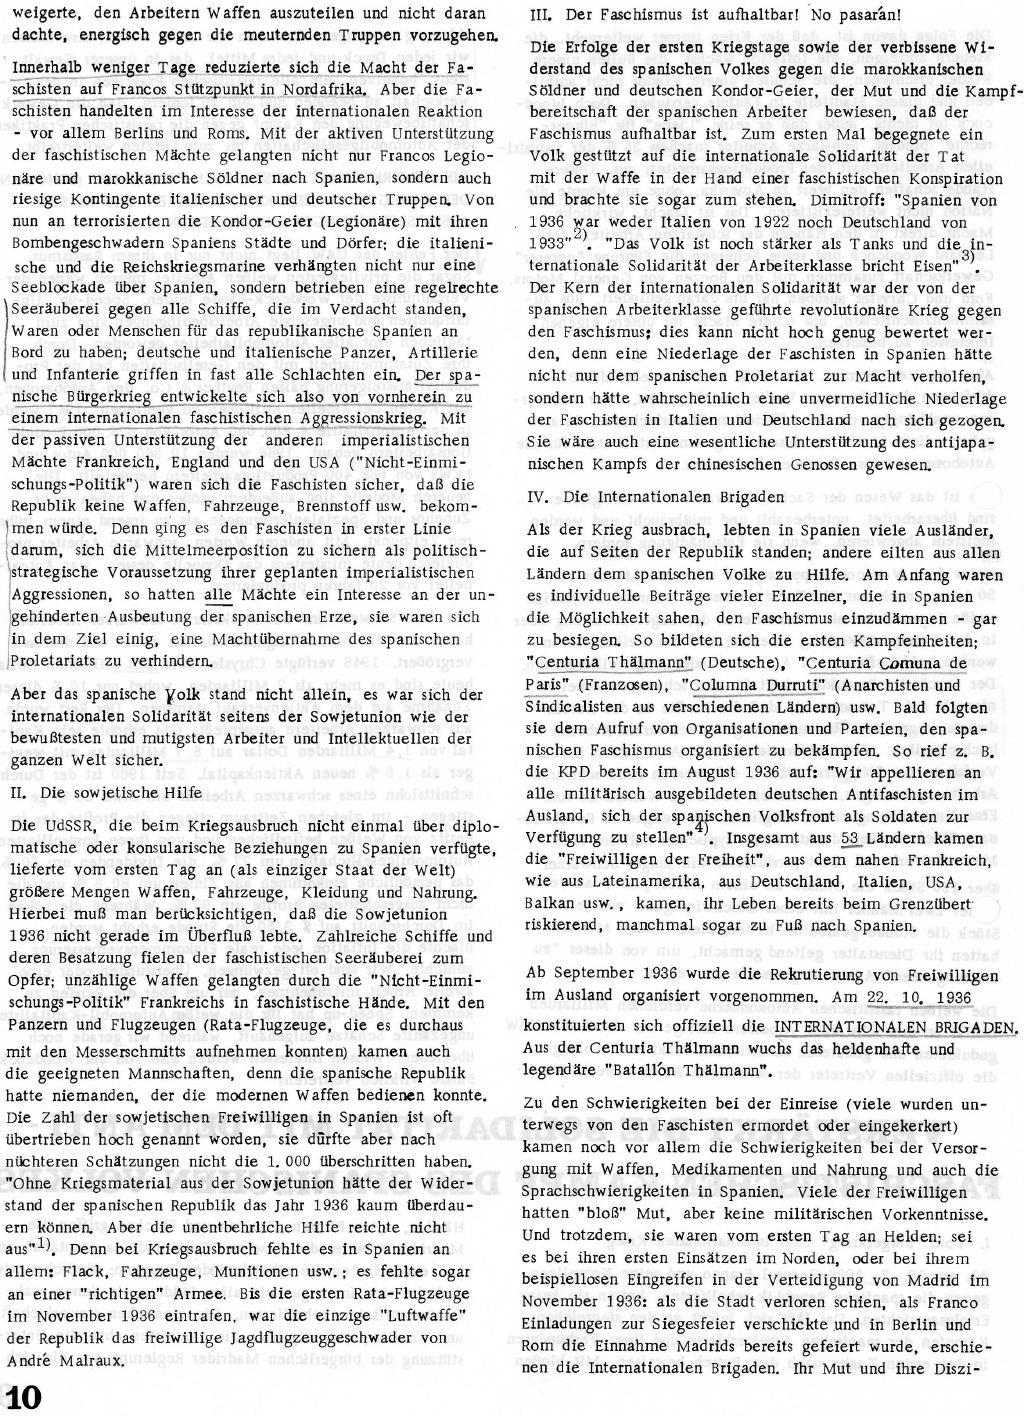 RPK_1971_108_10